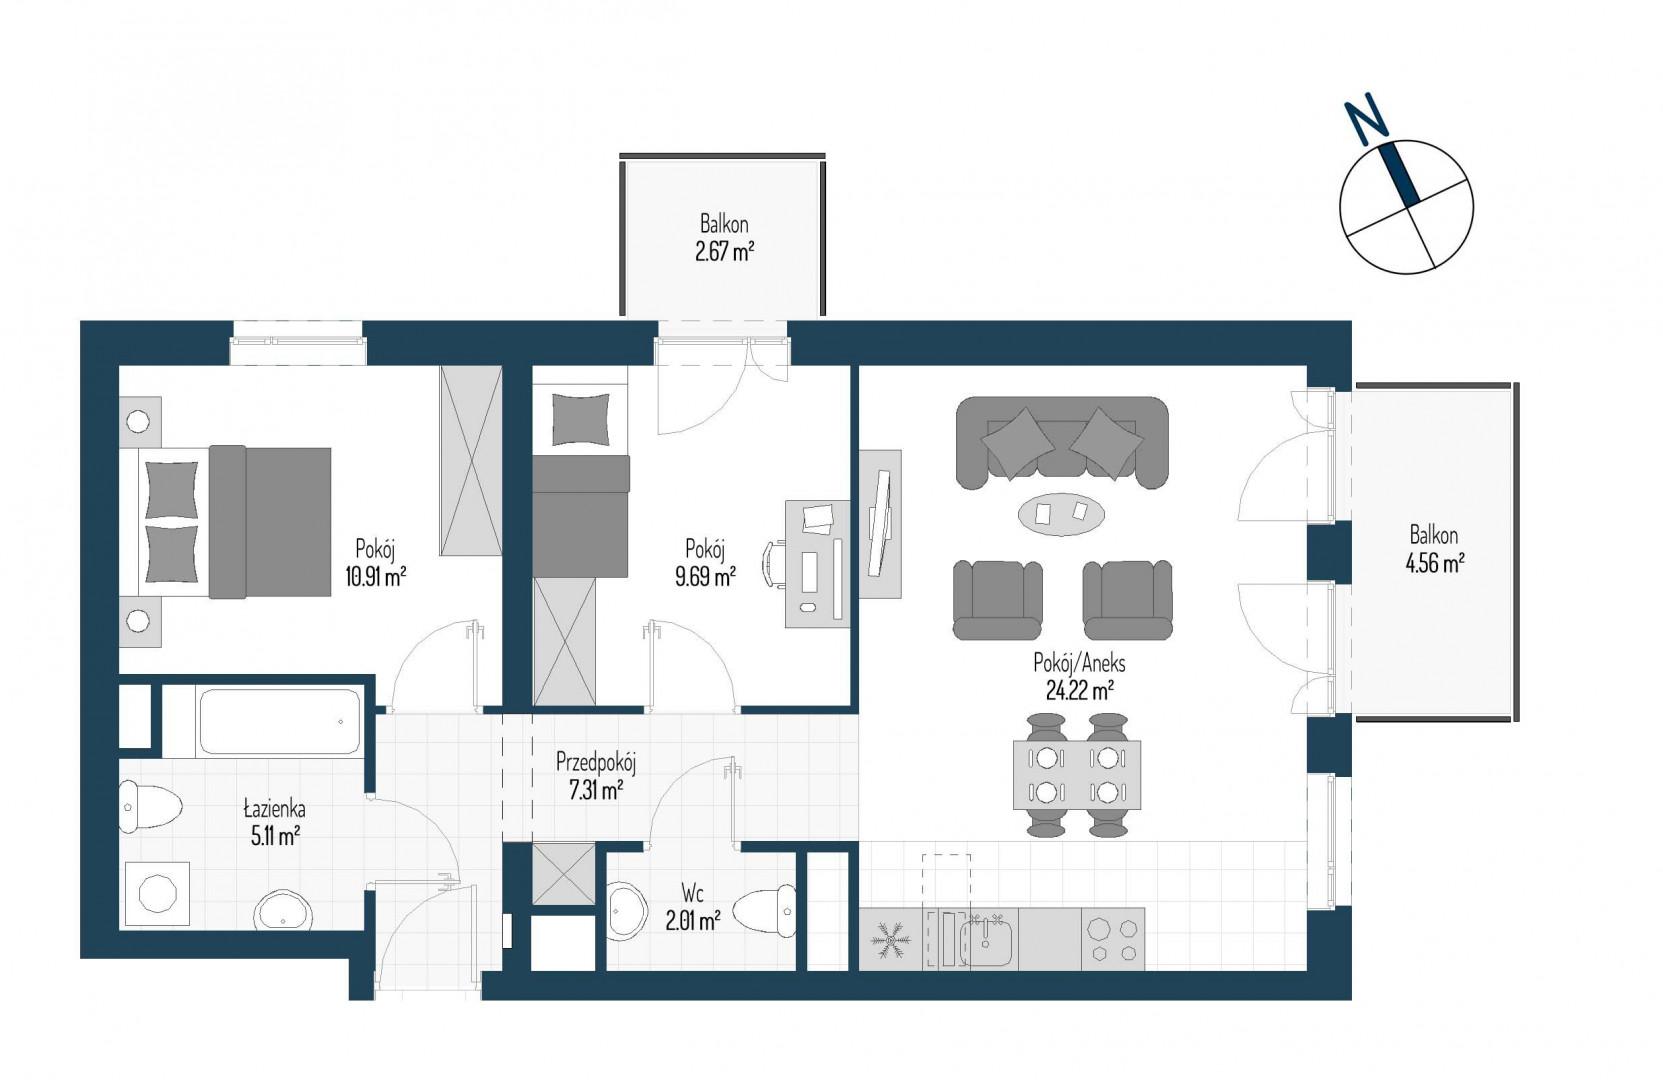 Zdrowe Stylove / budynek 1 / mieszkanie nr M80 rzut 1